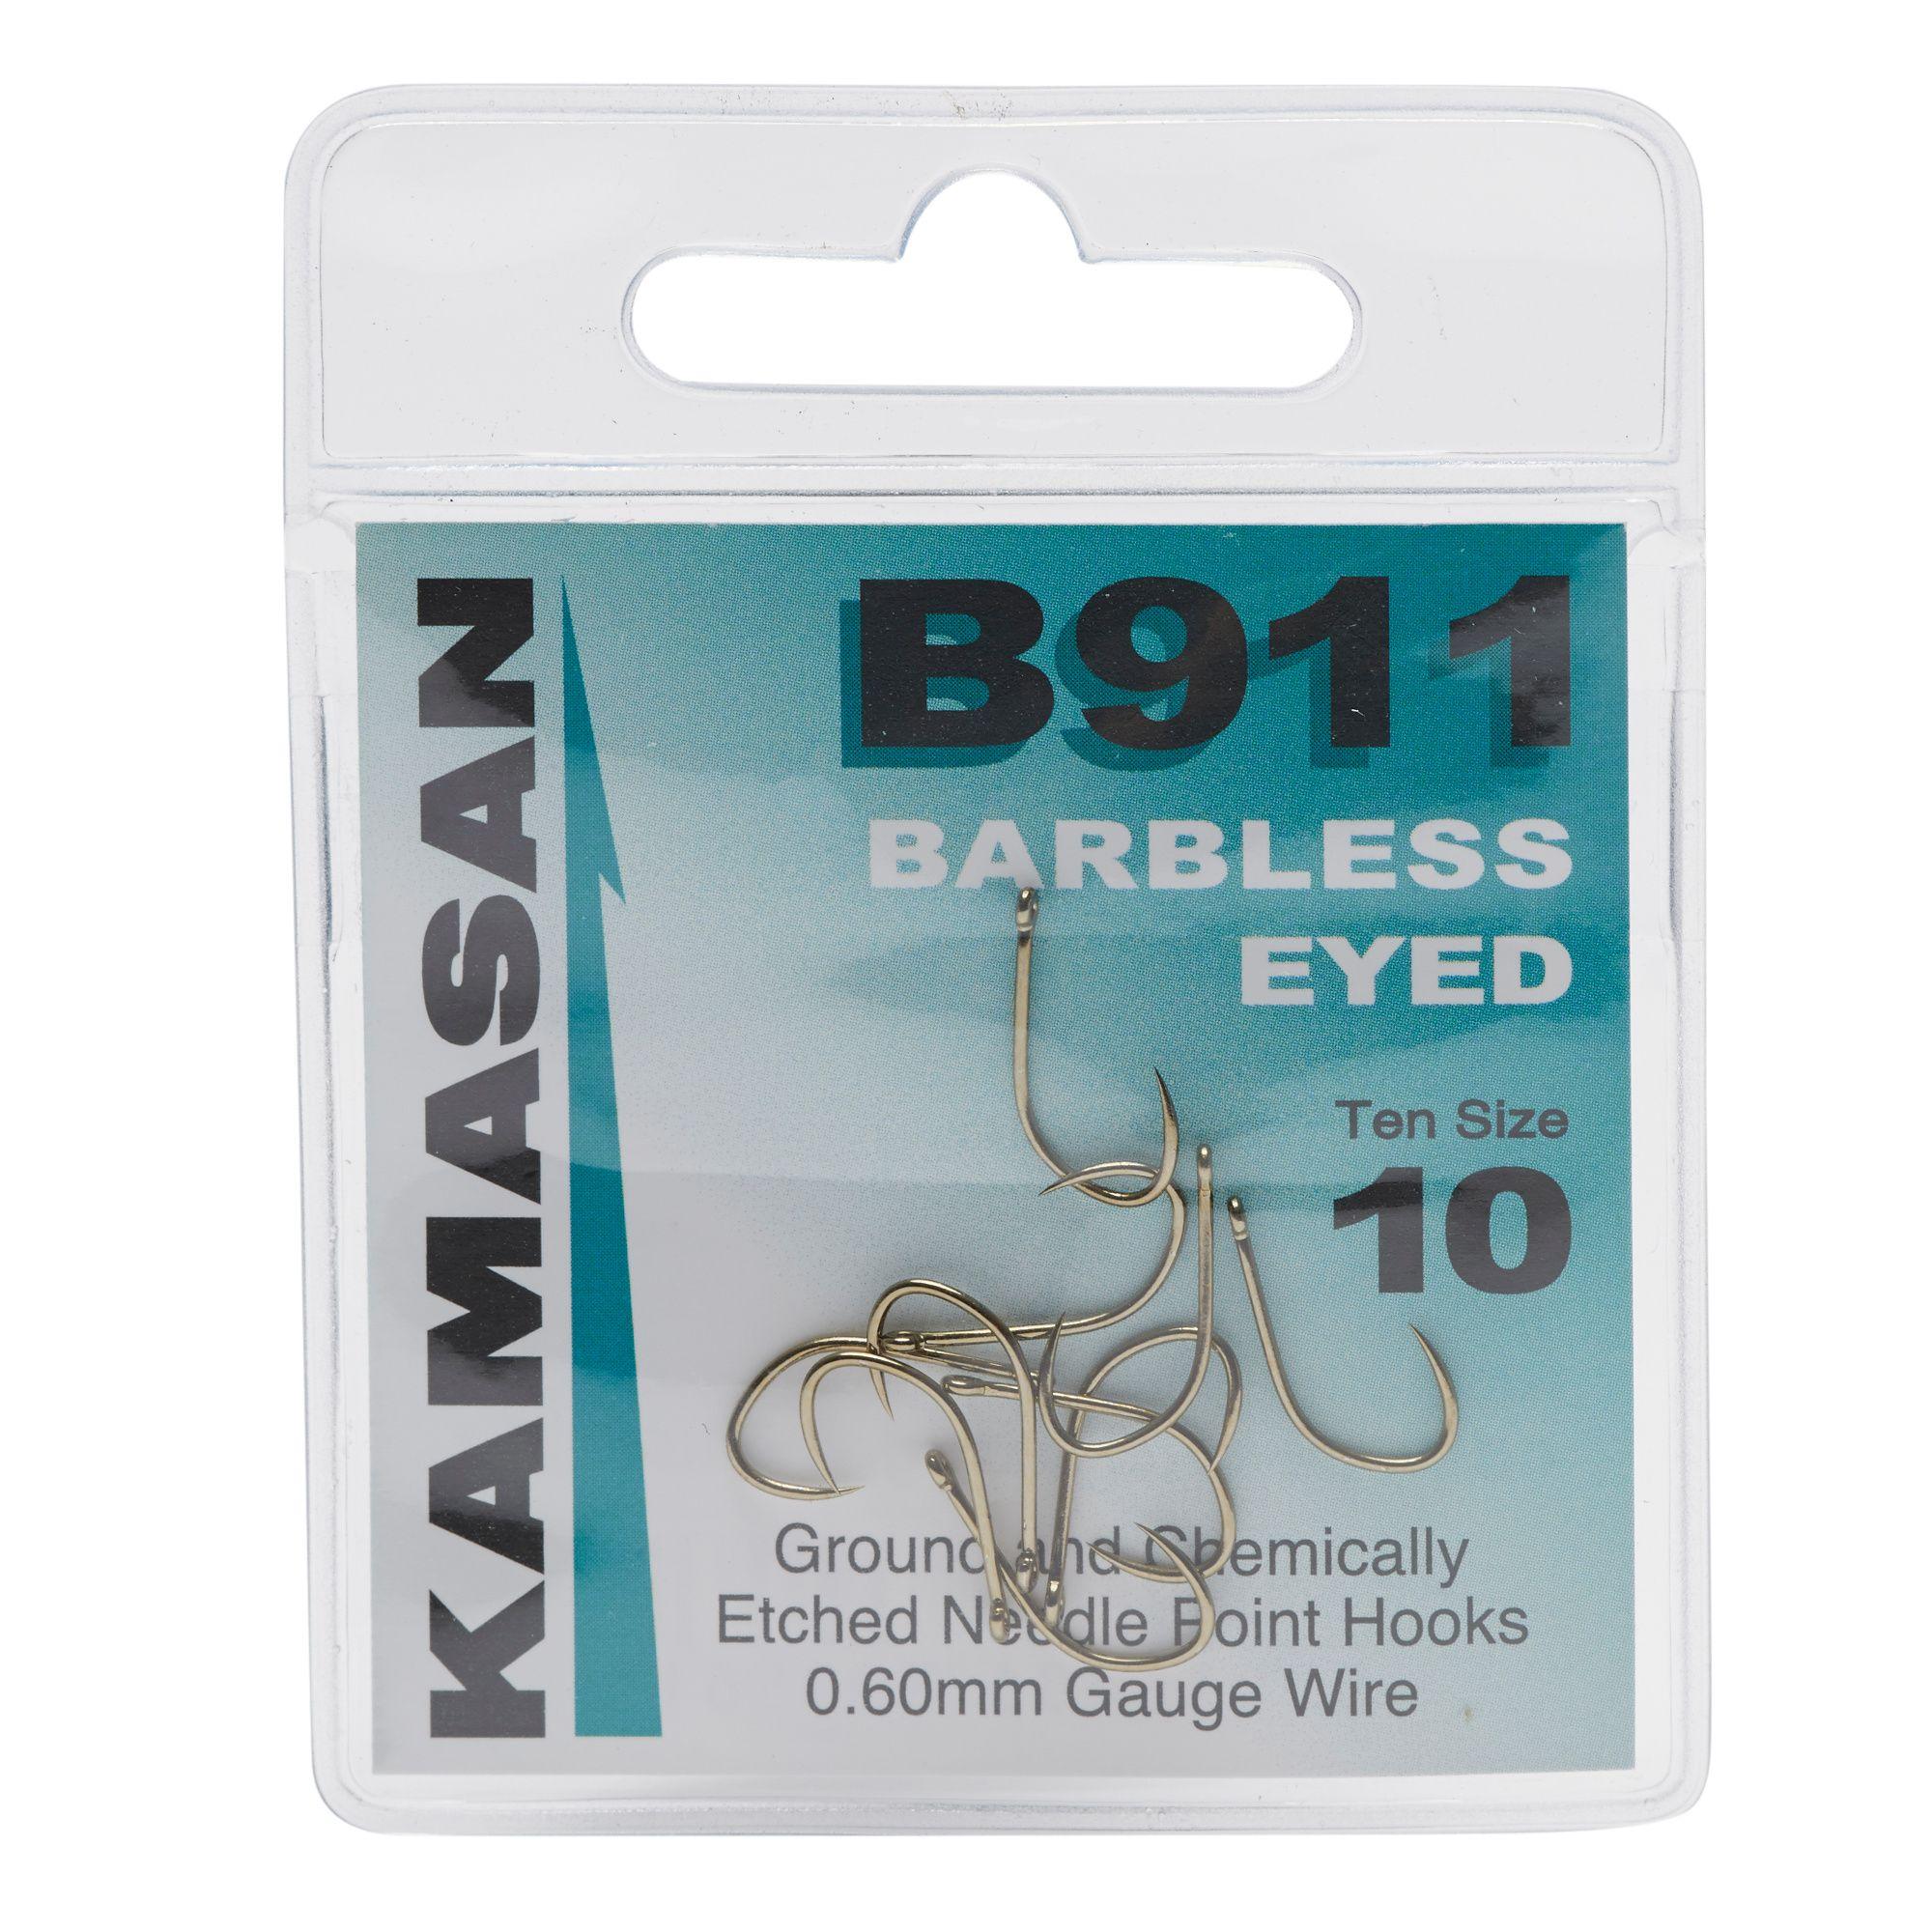 KAMASAN B911 Extra Strong Eyed Fishing Hooks - Size 10